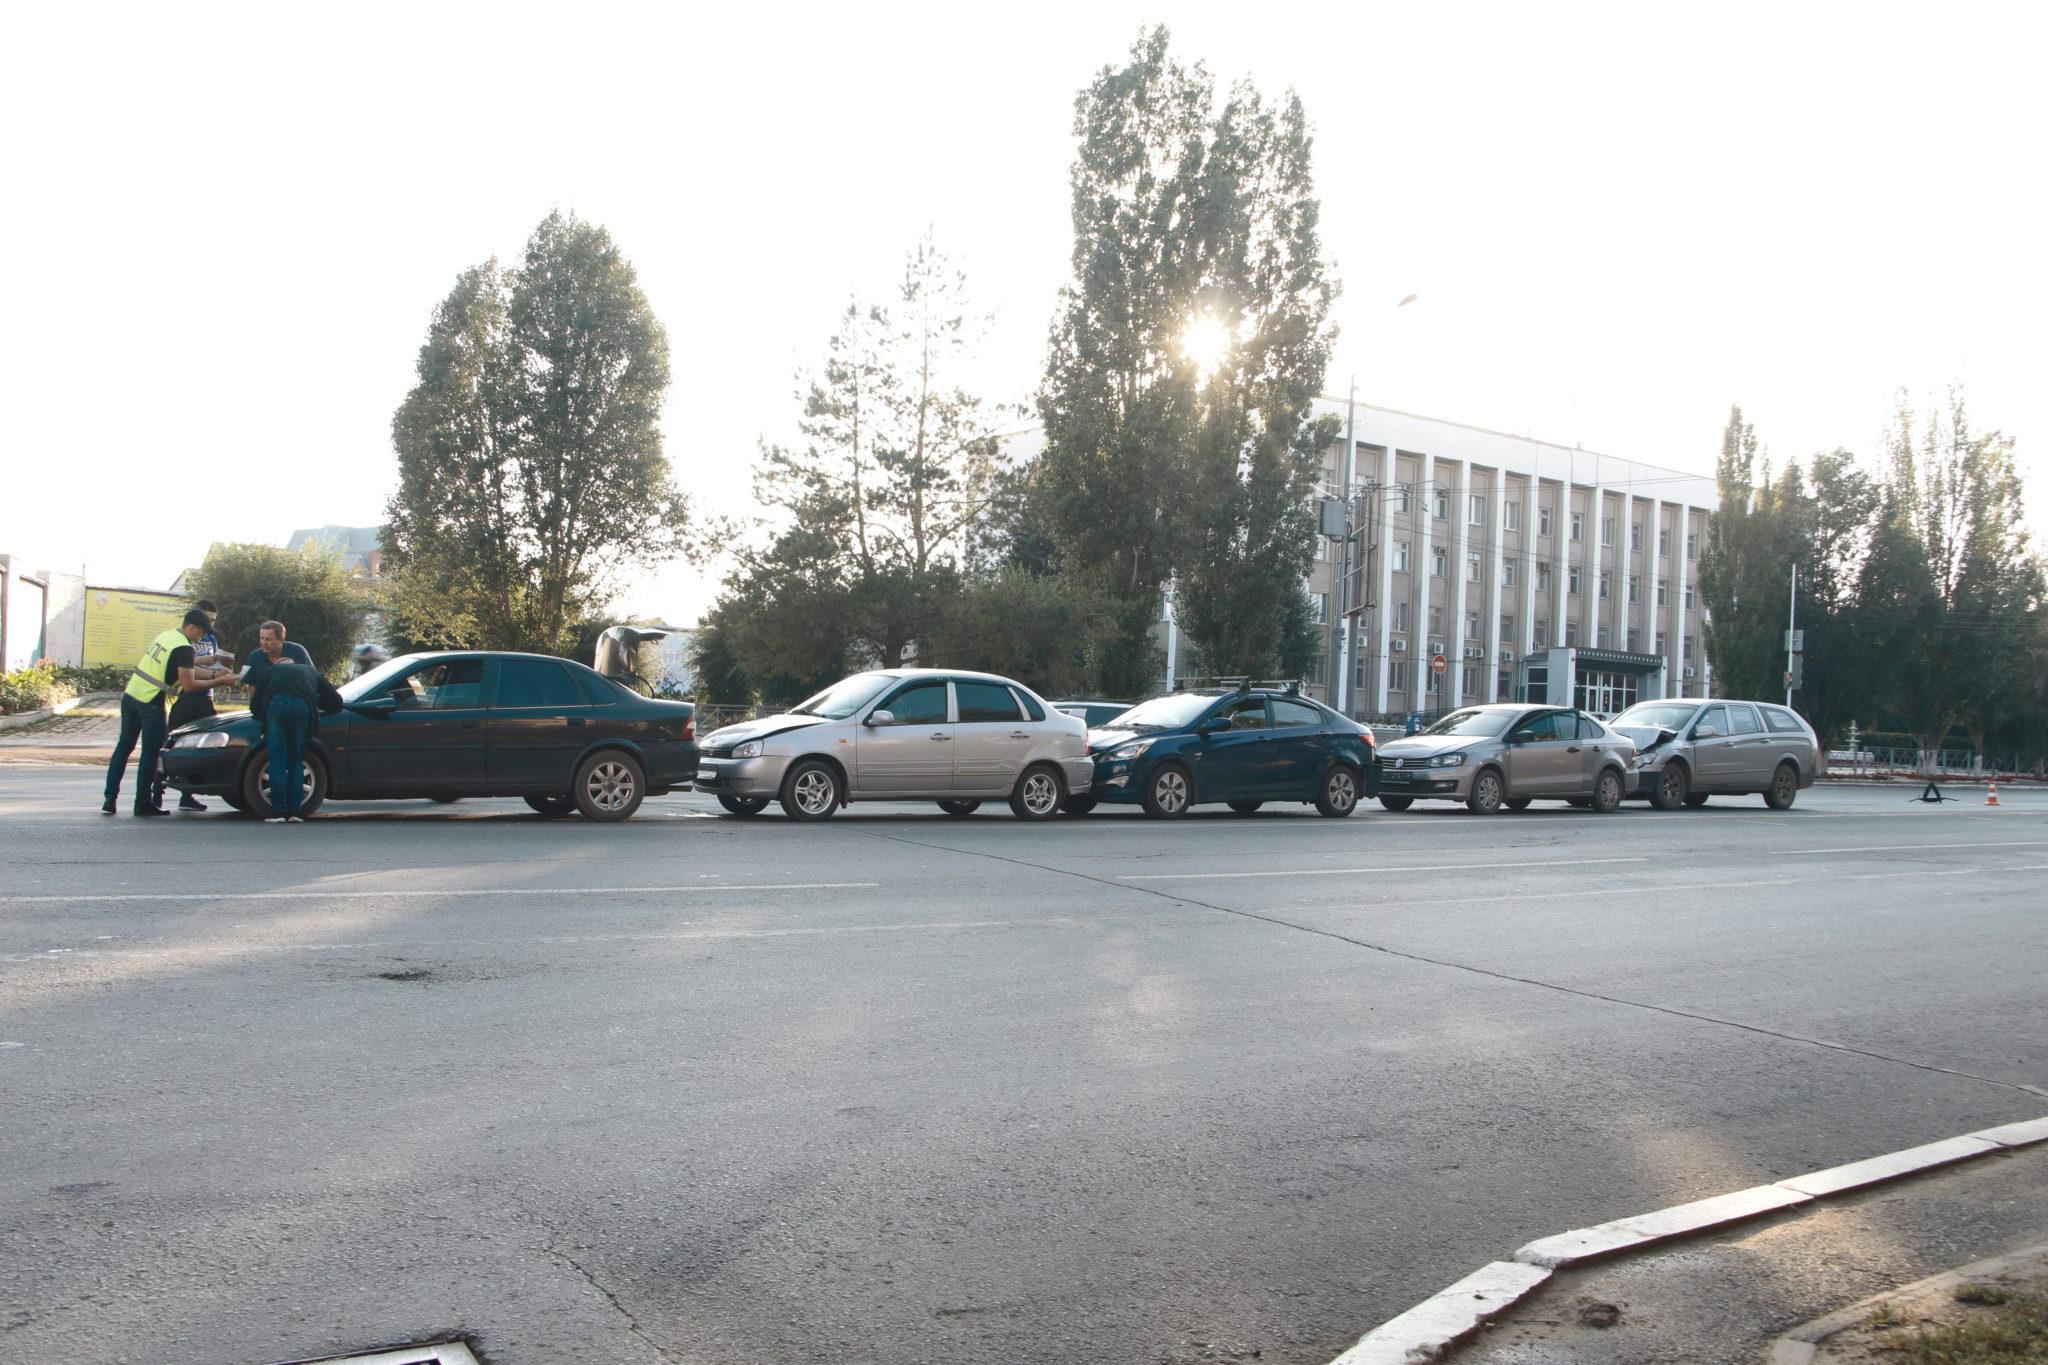 В Промышленном районе Оренбурга столкнулись 5 автомобилей